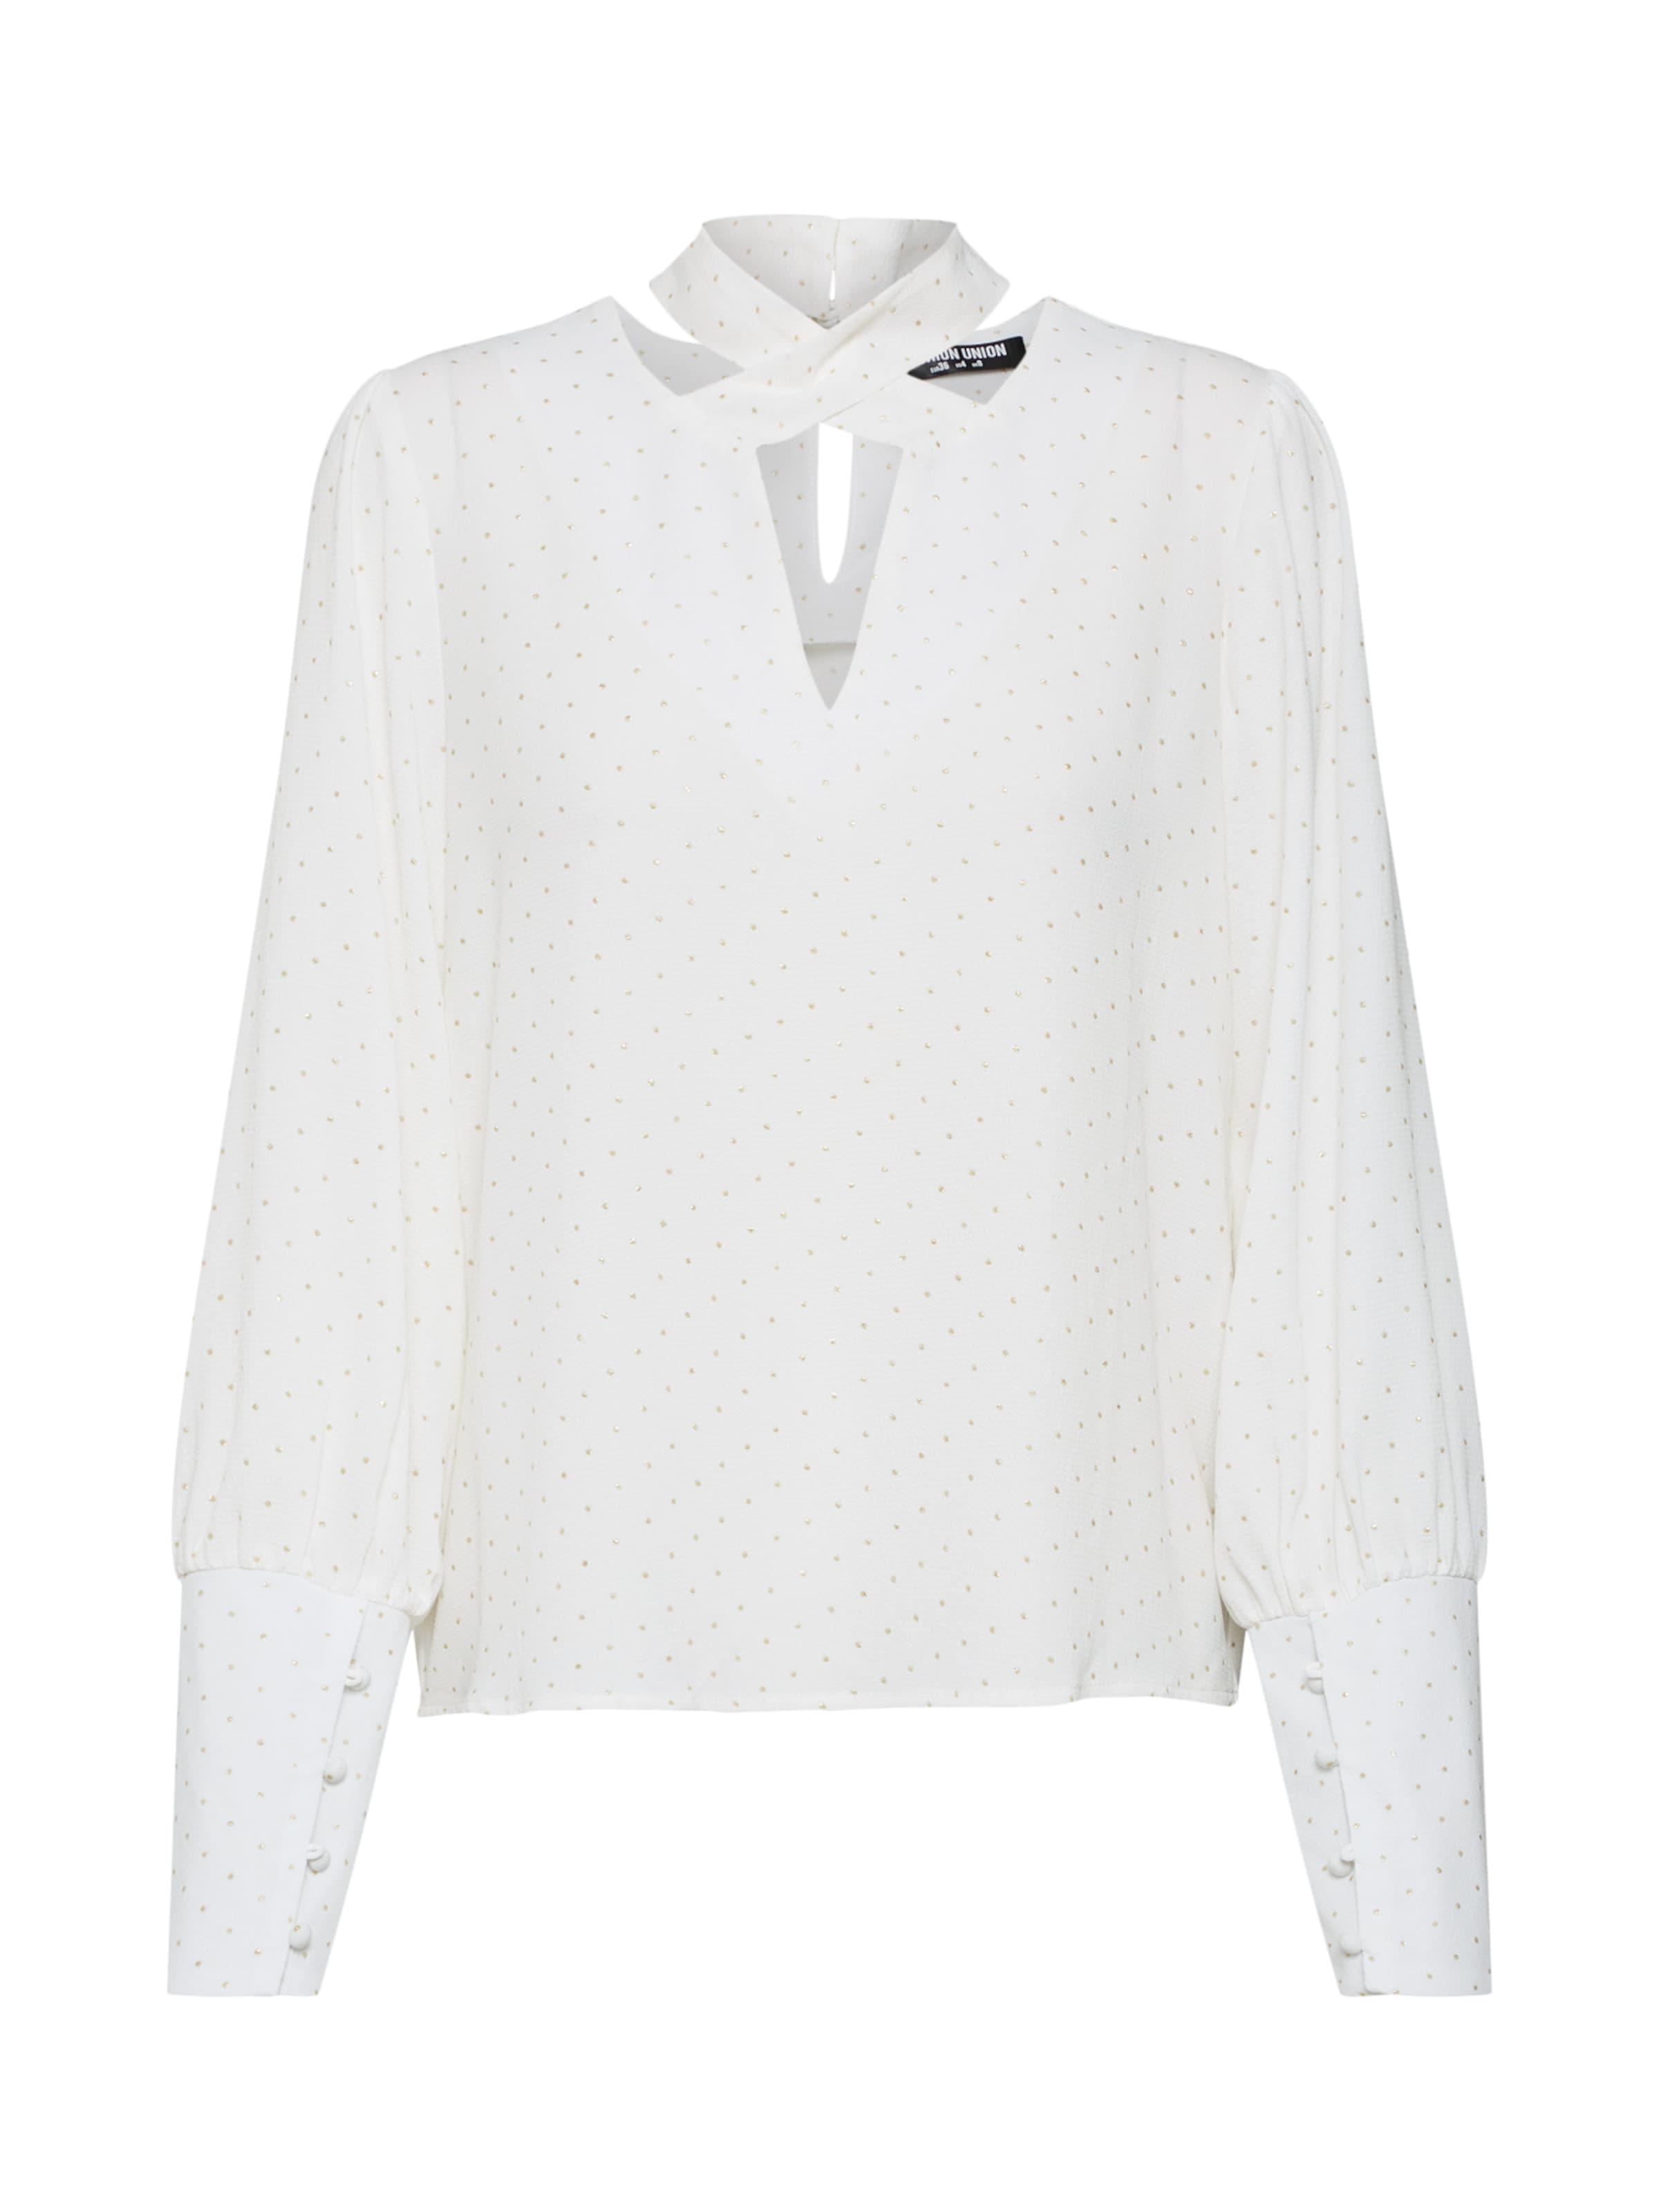 Fashion Union Weiß Bluse 'alma' In yvnwN80OmP